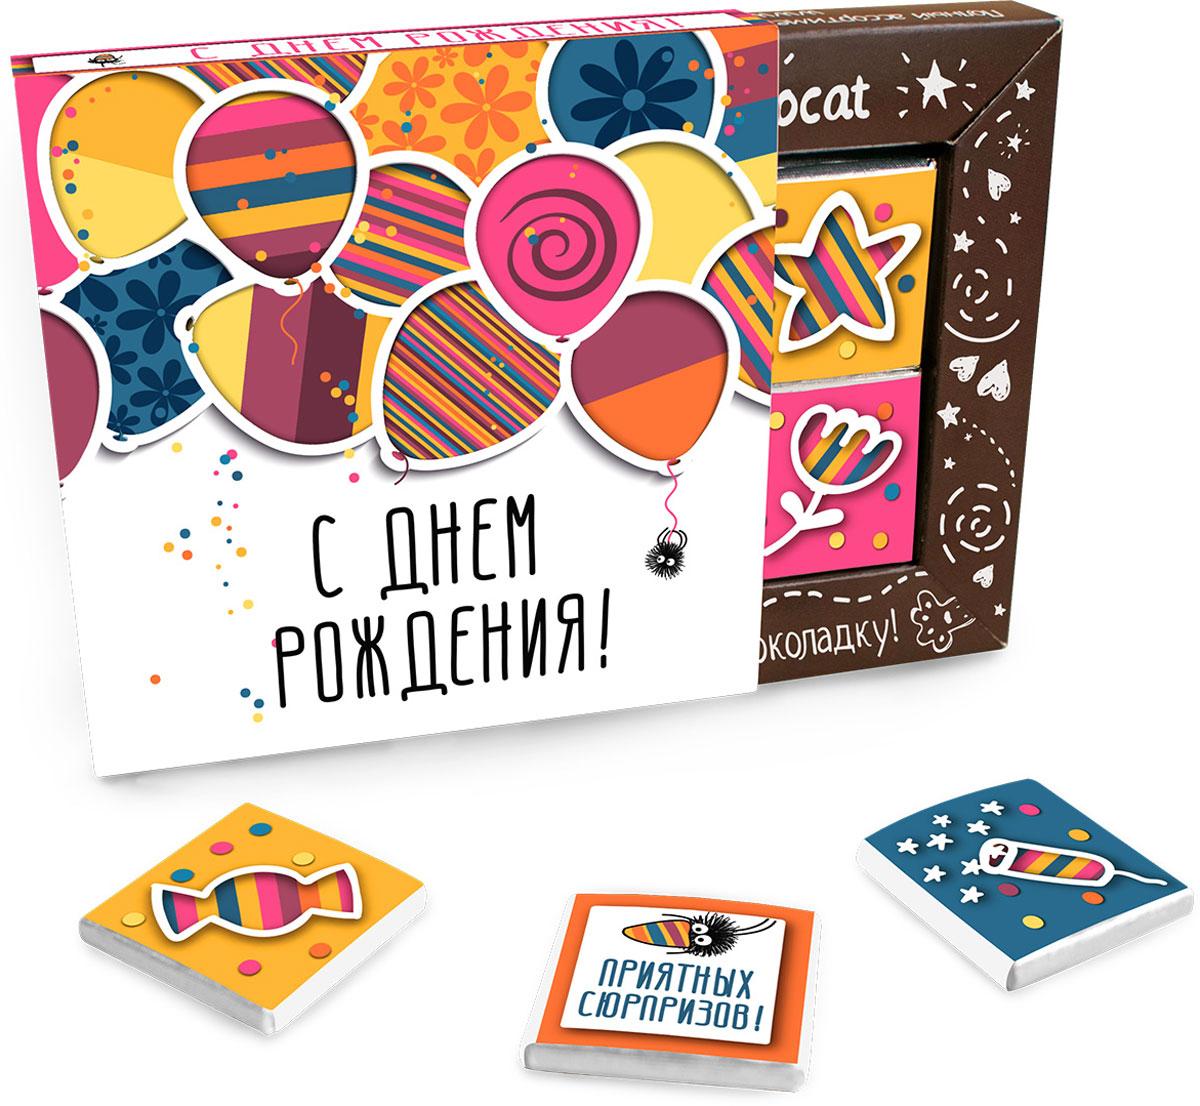 Chokocat С днем рождения молочный шоколад, 60 г. 774573 шоколад молочный chokocat дед мороз и поросята 100 г